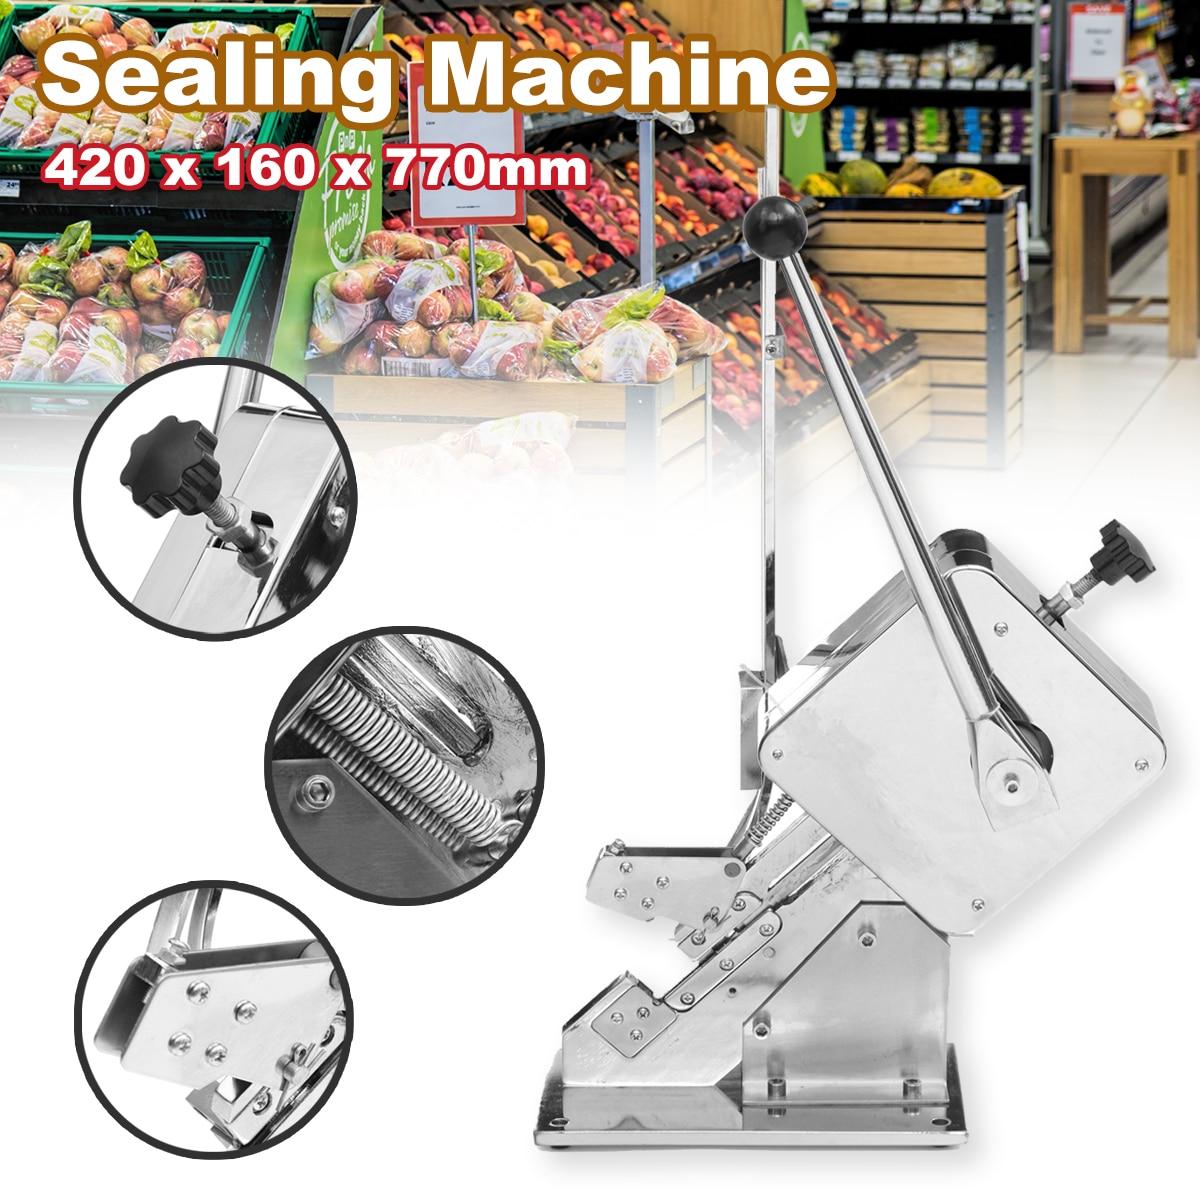 Aferidores de alimentos máquina de selagem de embalagem manual presunto salsicha knotting máquina de selagem supermercado + u-forma clipes